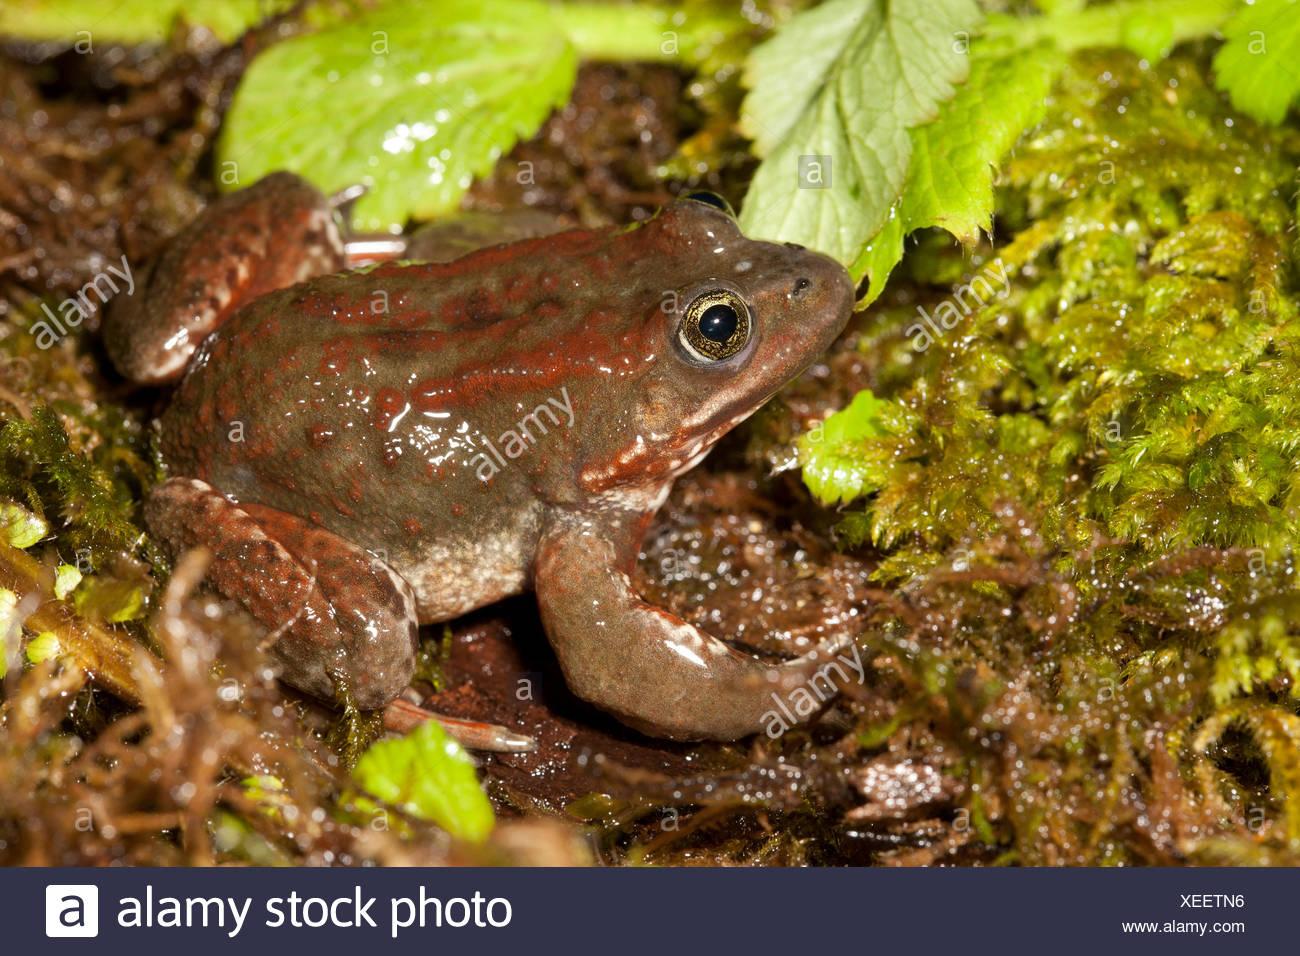 Oregon spotted frog, Rana pretiosa, Vancouver, BC, Canada Stock Photo